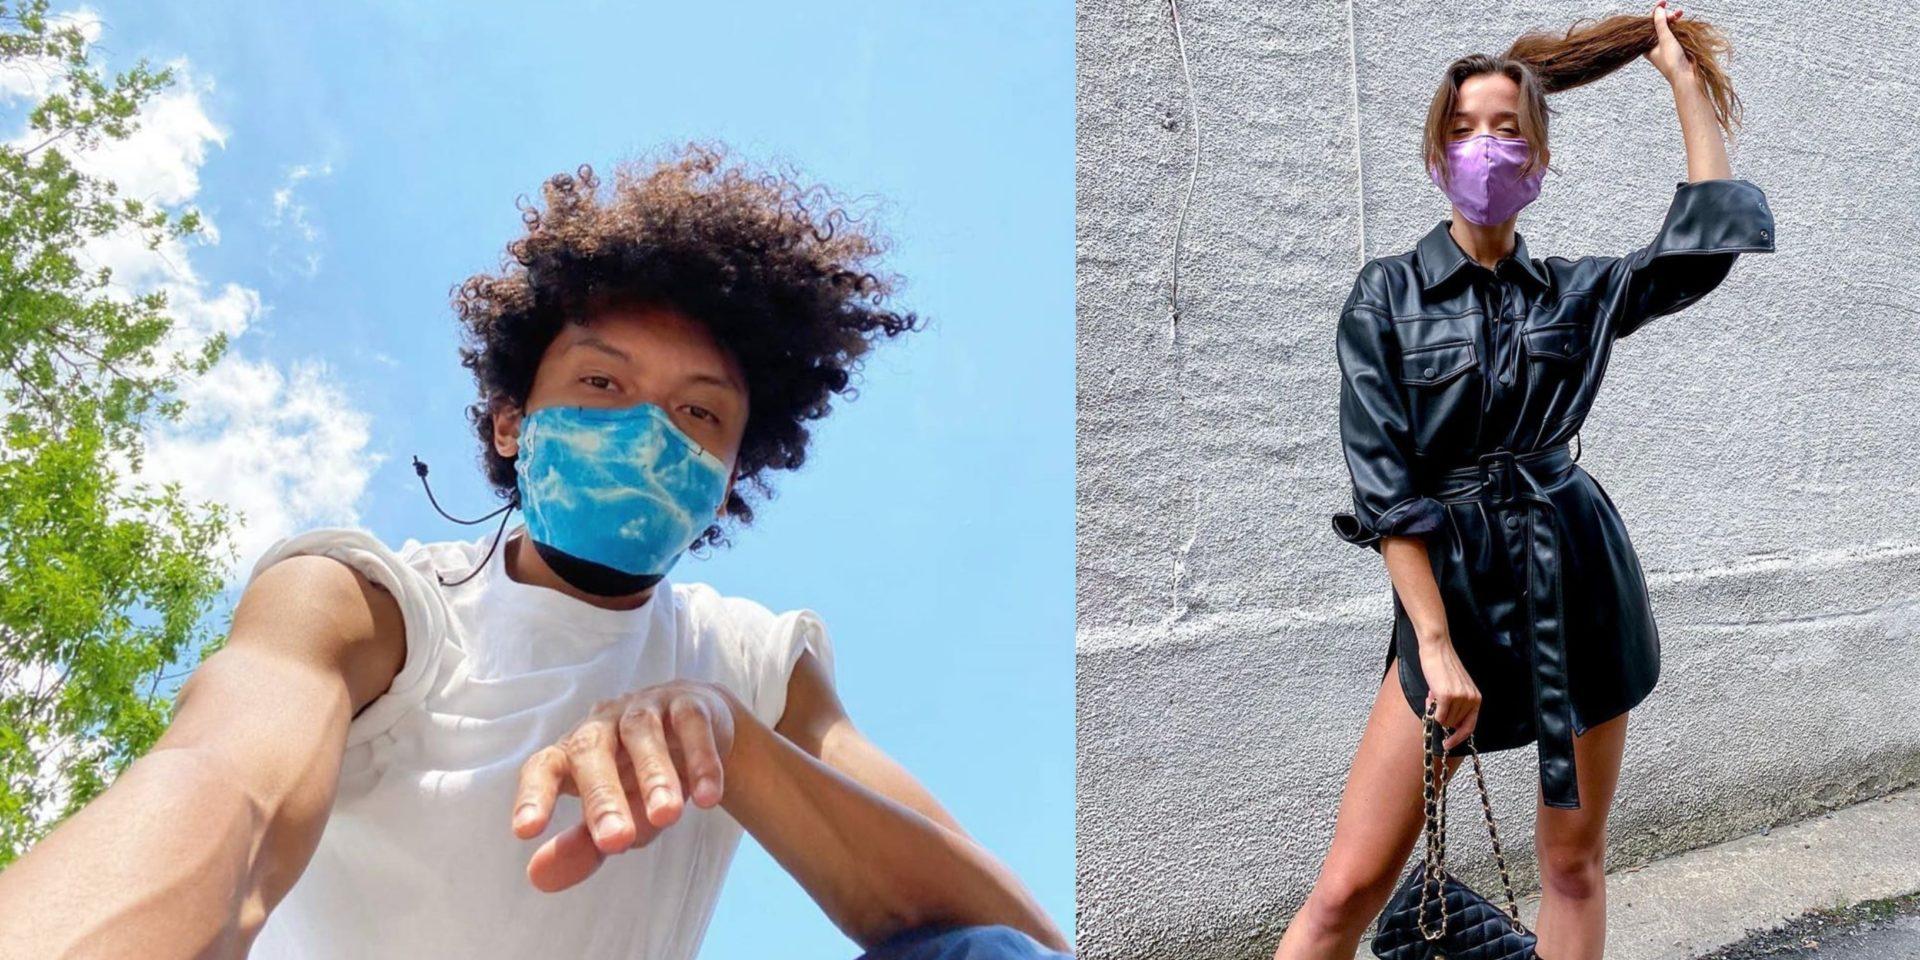 11 entreprises québécoises qui vendent des masques qui sortent de l'ordinaire! [PHOTOS]